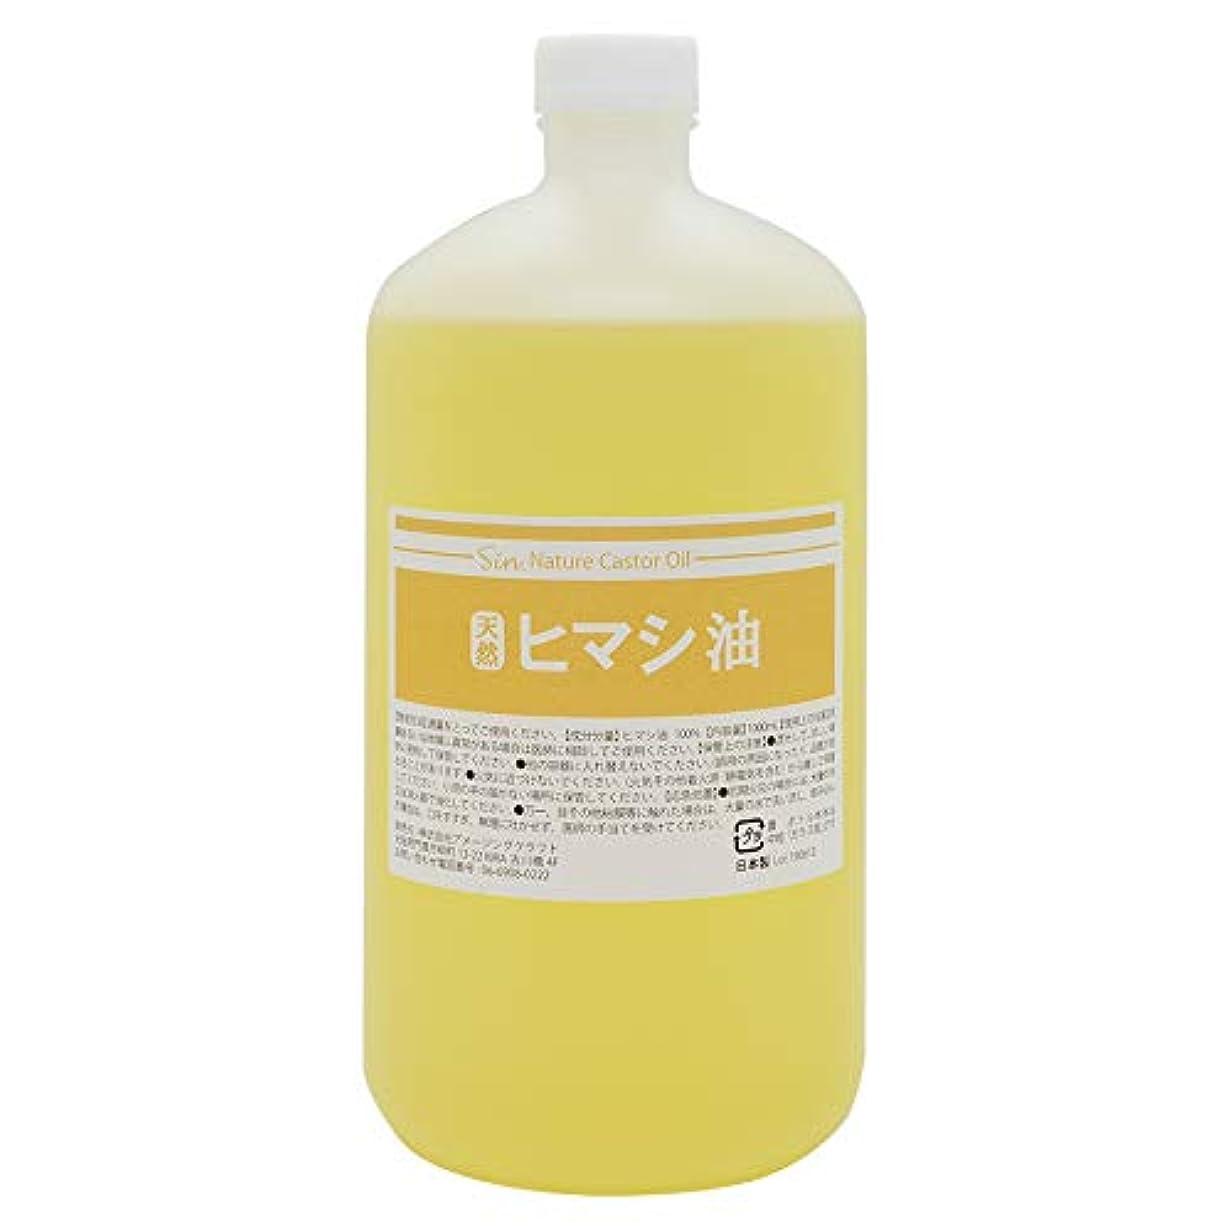 みなさんクスクスセーブ天然無添加 国内精製 ひまし油 1000ml (ヒマシ油 キャスターオイル)